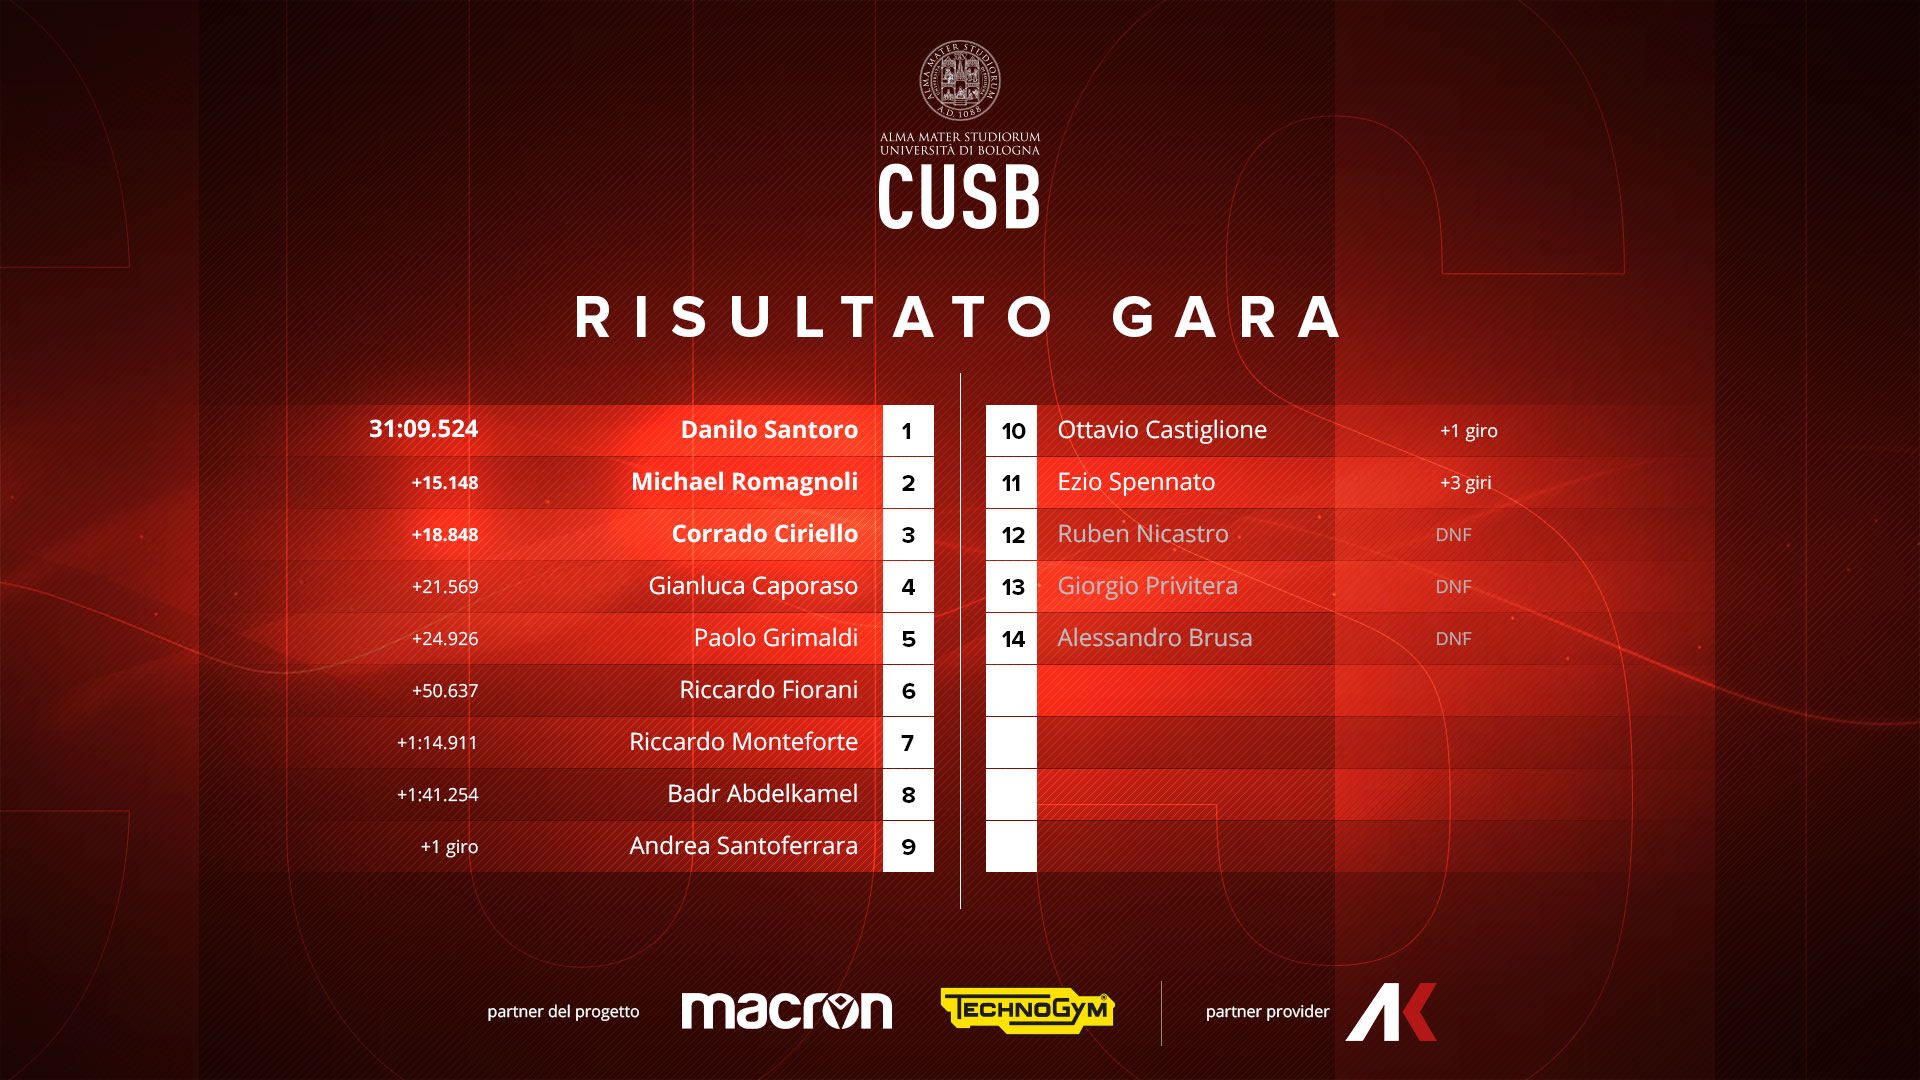 CUSB - Assetto Corsa - Risultati Finali